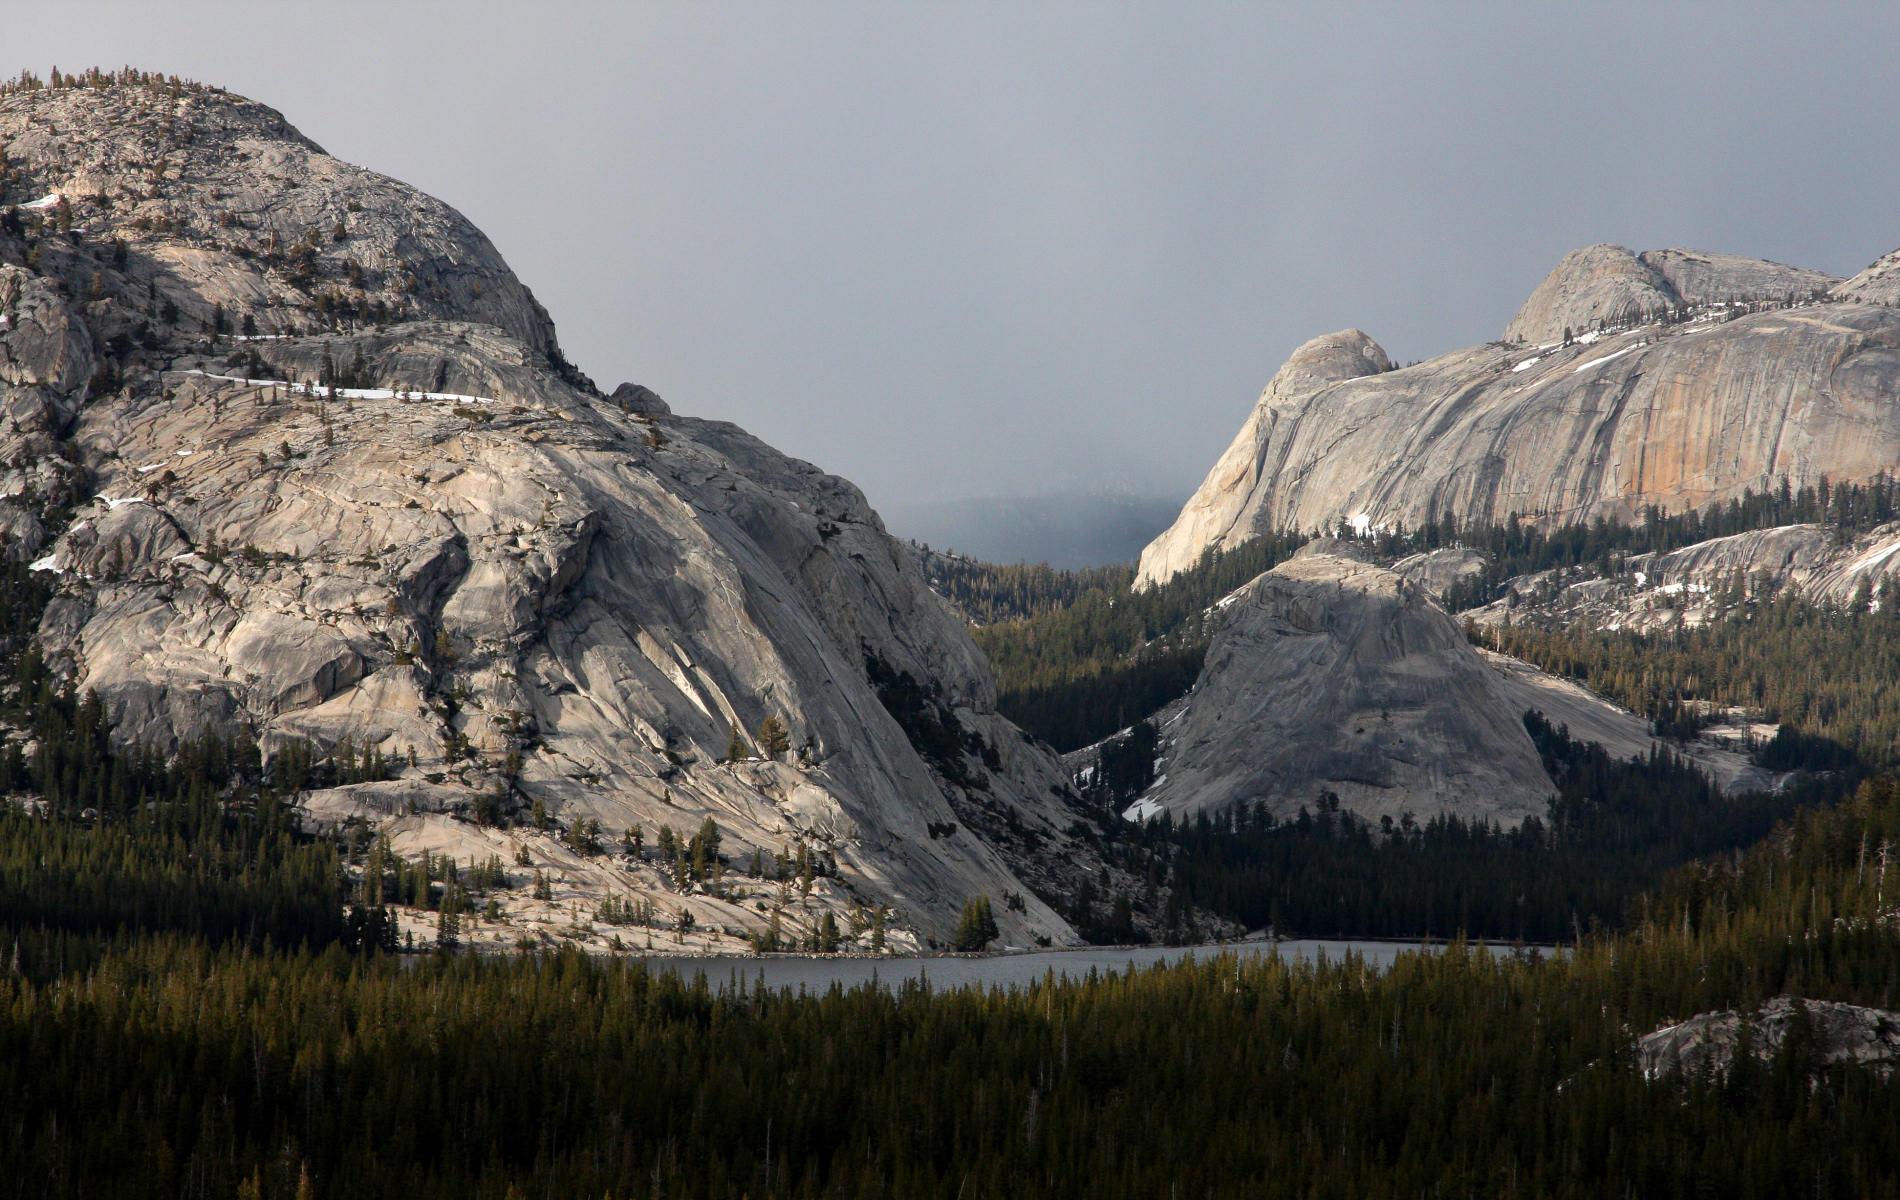 Falling Snow Desktop Wallpaper Free Yosemite Wallpaper Tenaya Lake From Olmsted Point